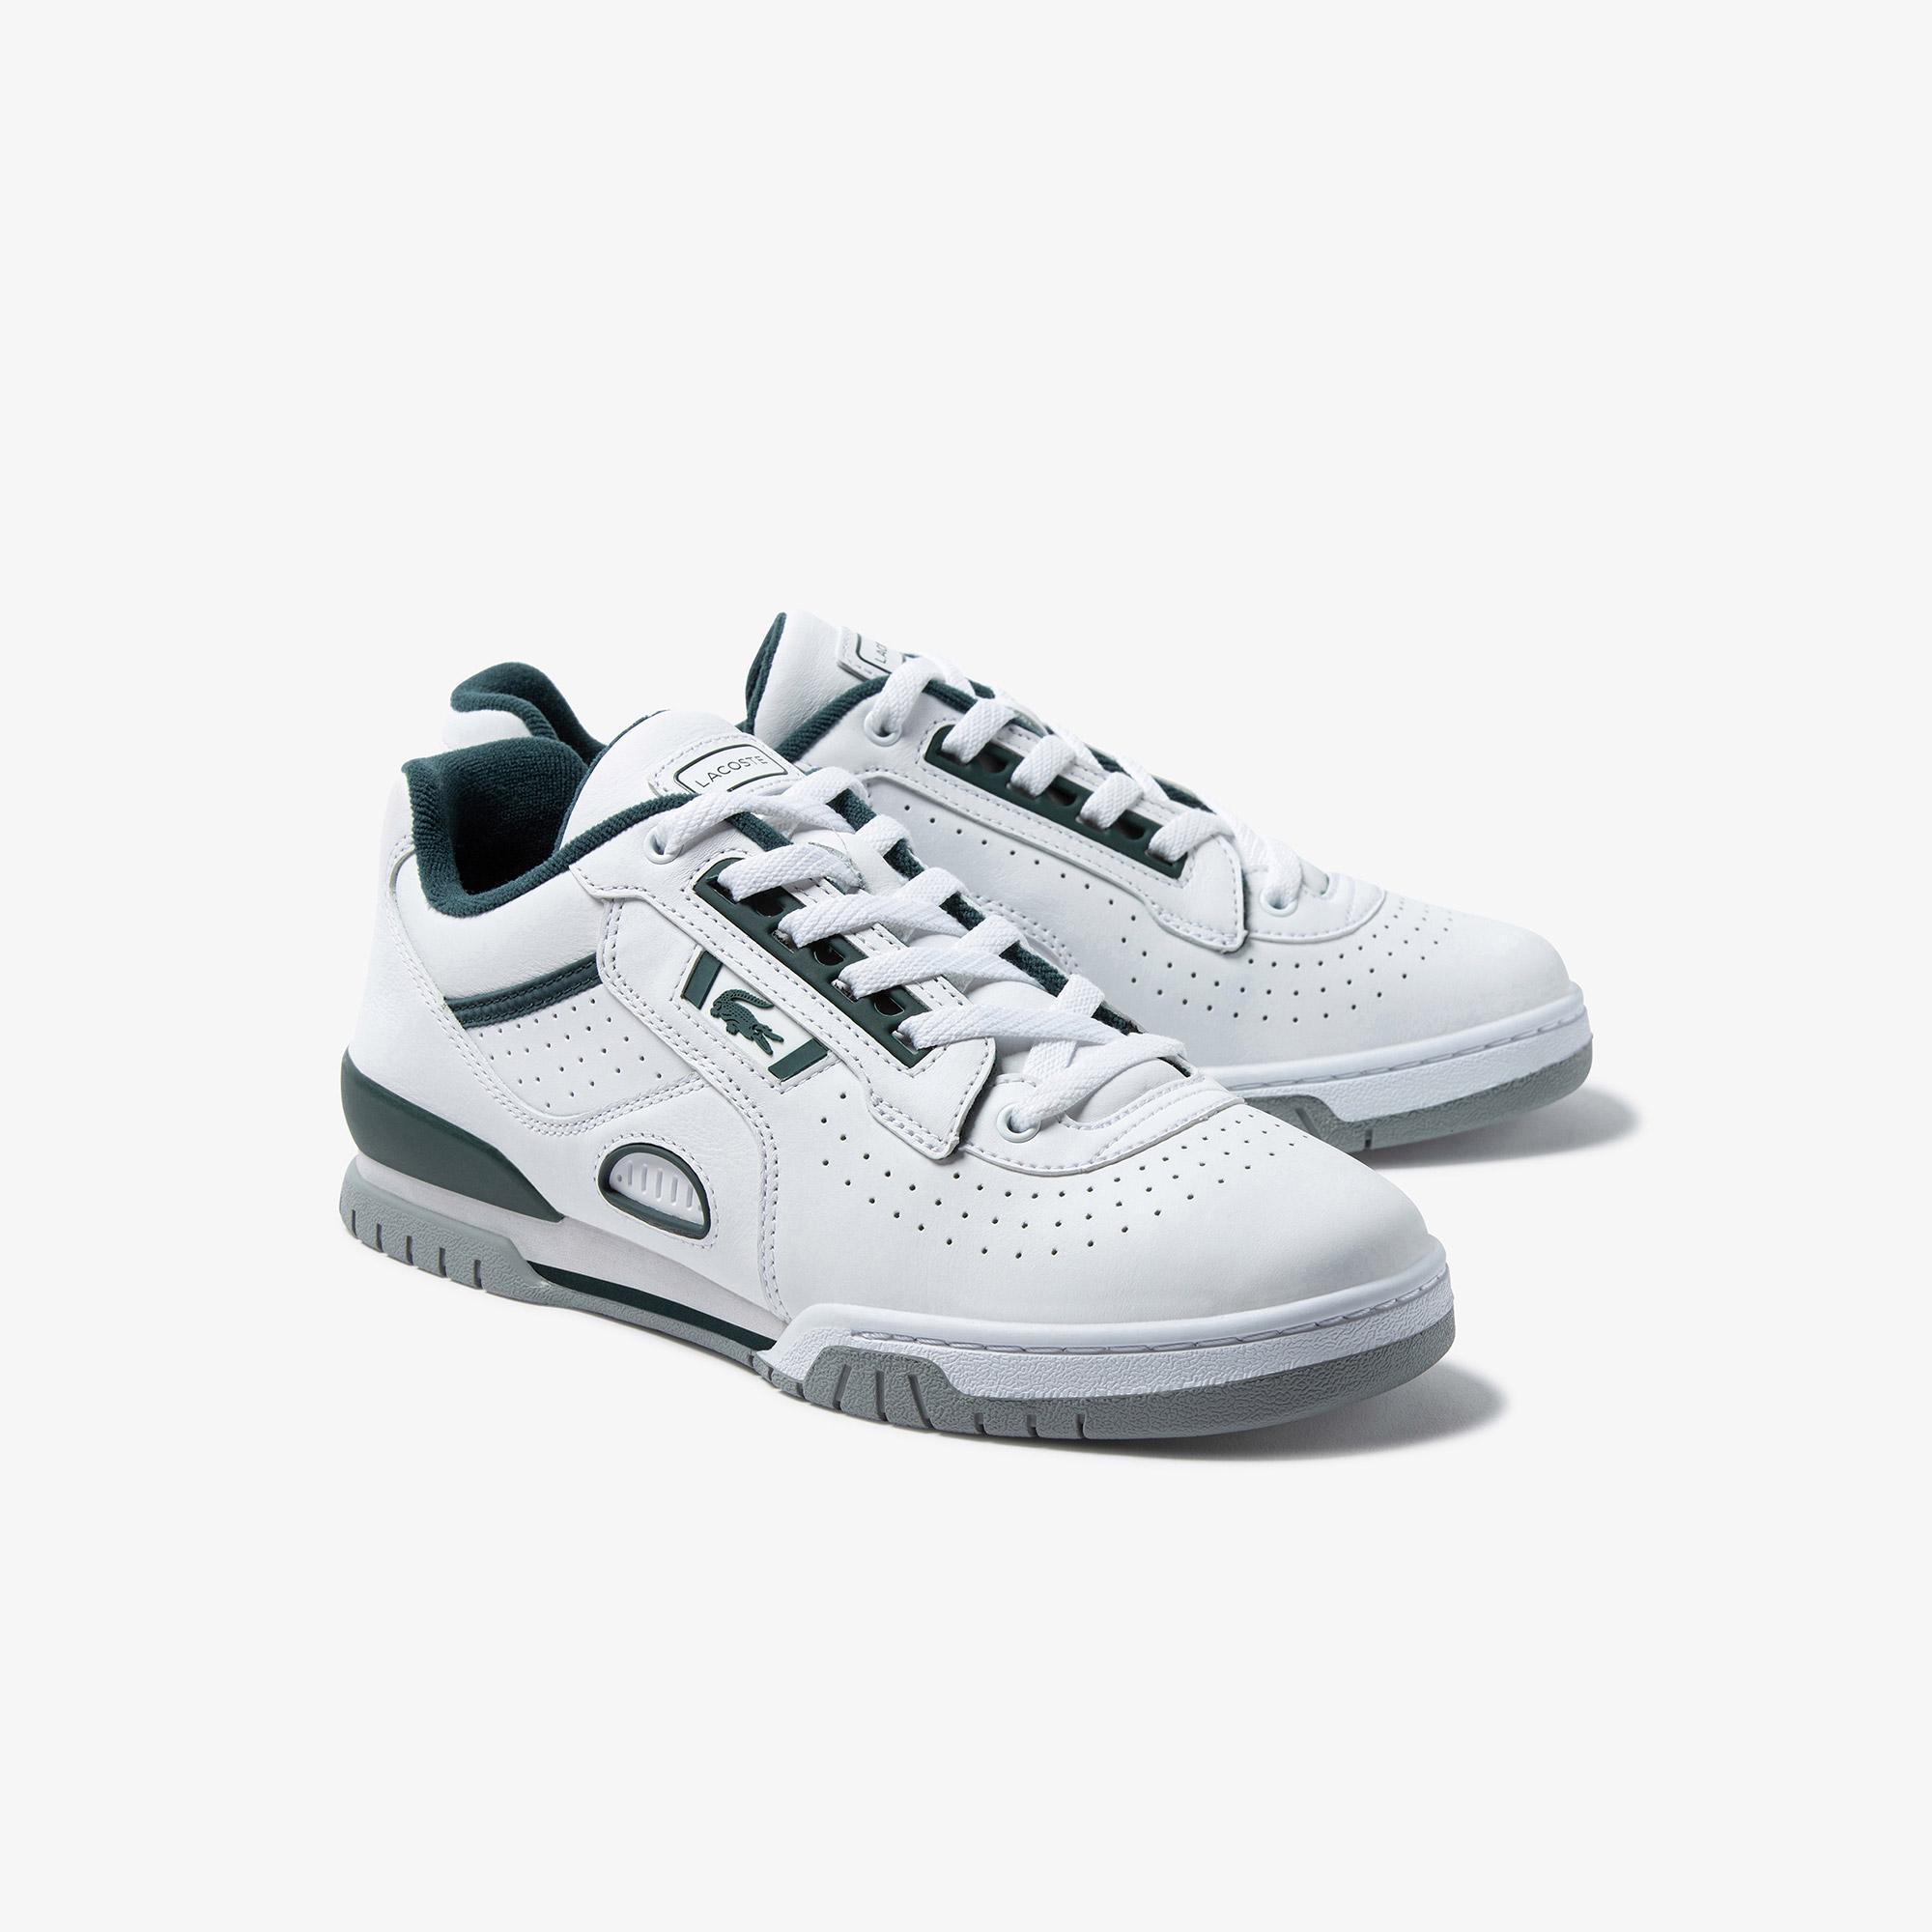 Lacoste M89 Og 0121 1 Sma Erkek Deri Beyaz - Yeşil Sneaker